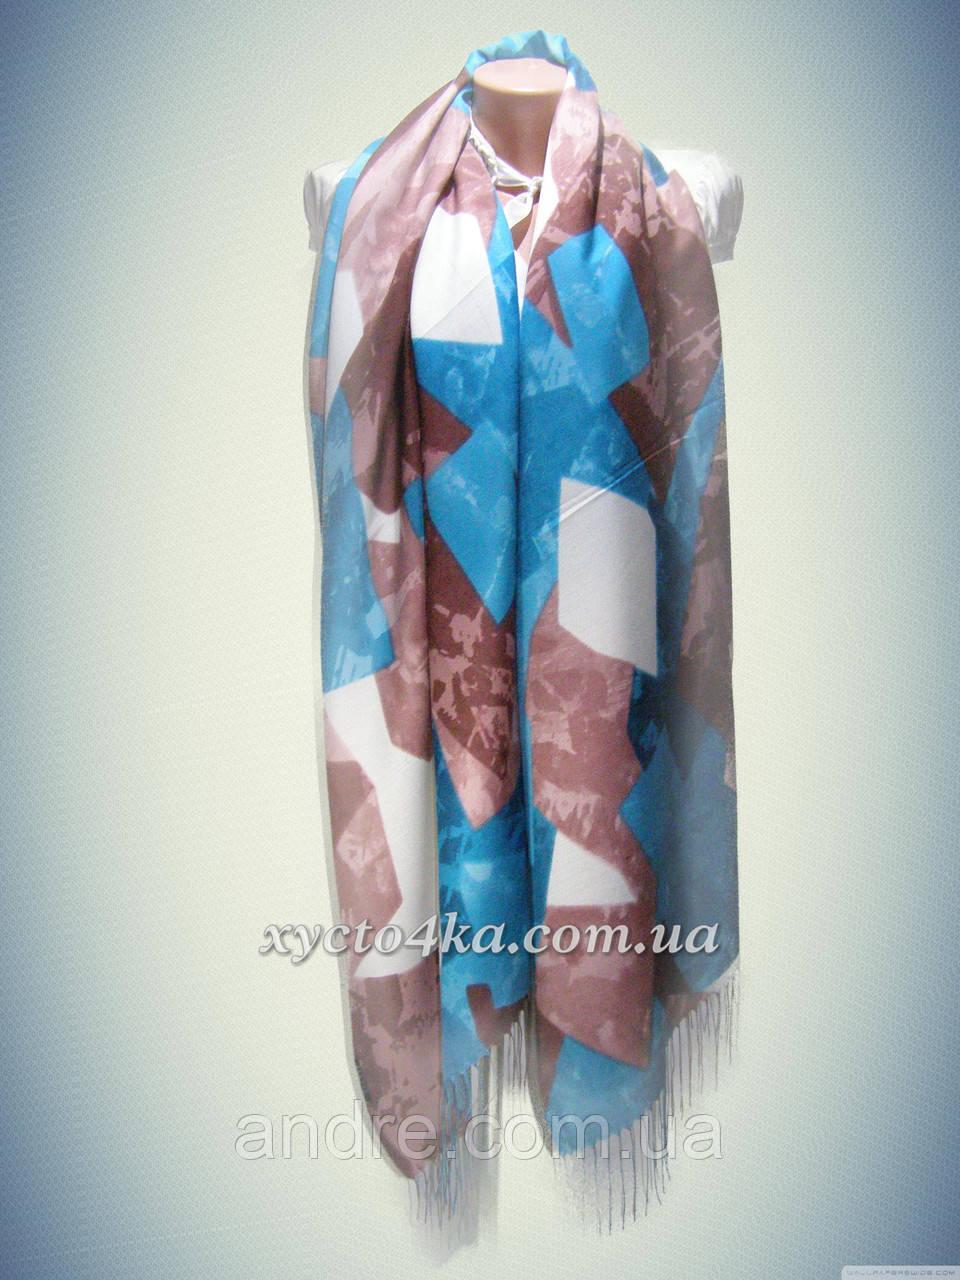 Кашемировые шарфы мозаика, бирюзовый